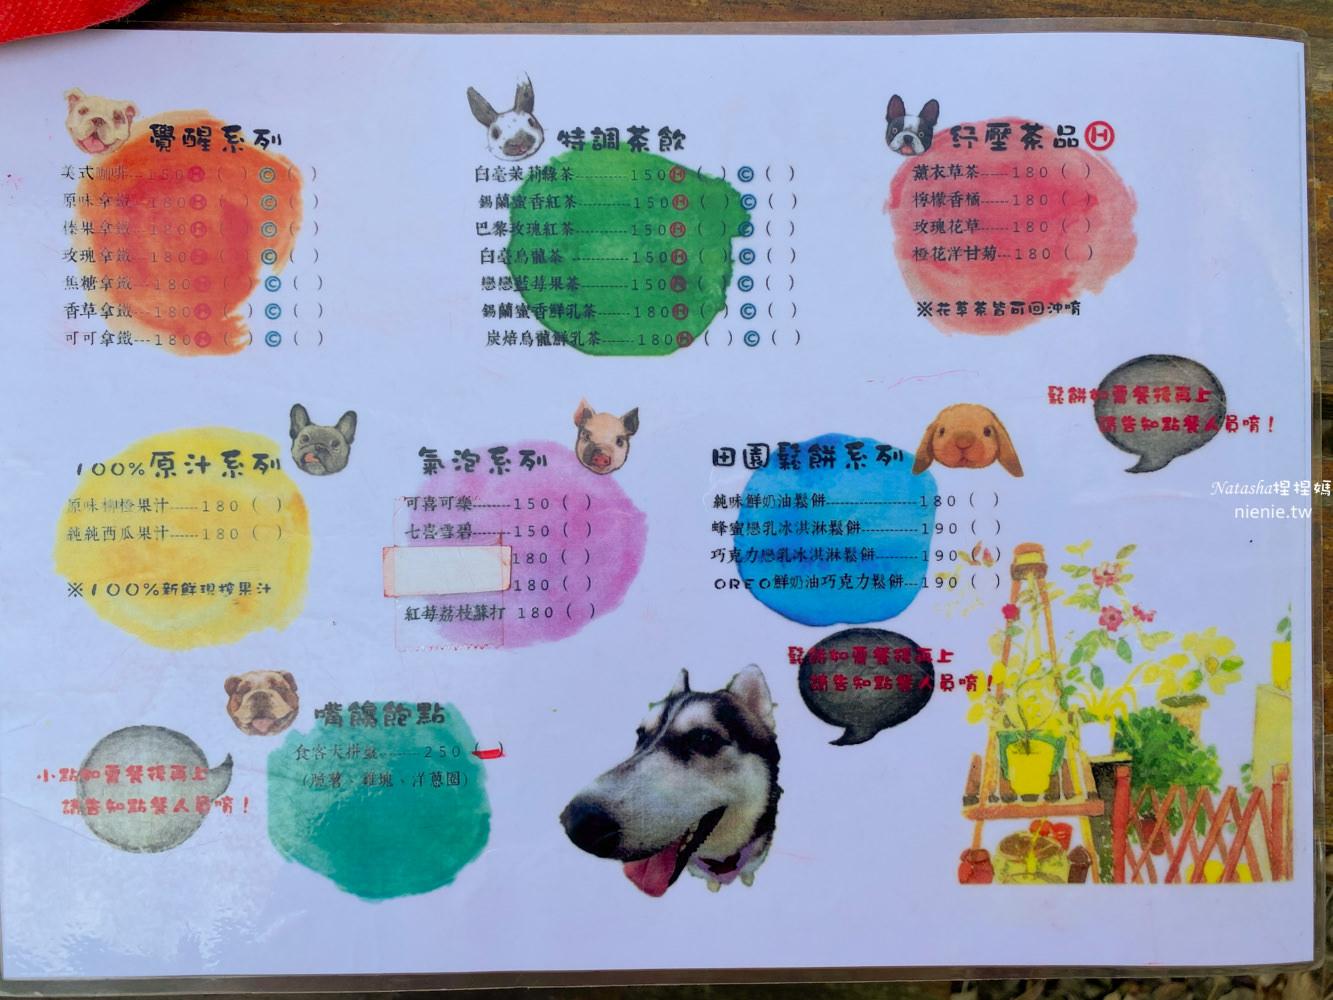 新竹親子餐廳 松湖畔咖啡館菜單